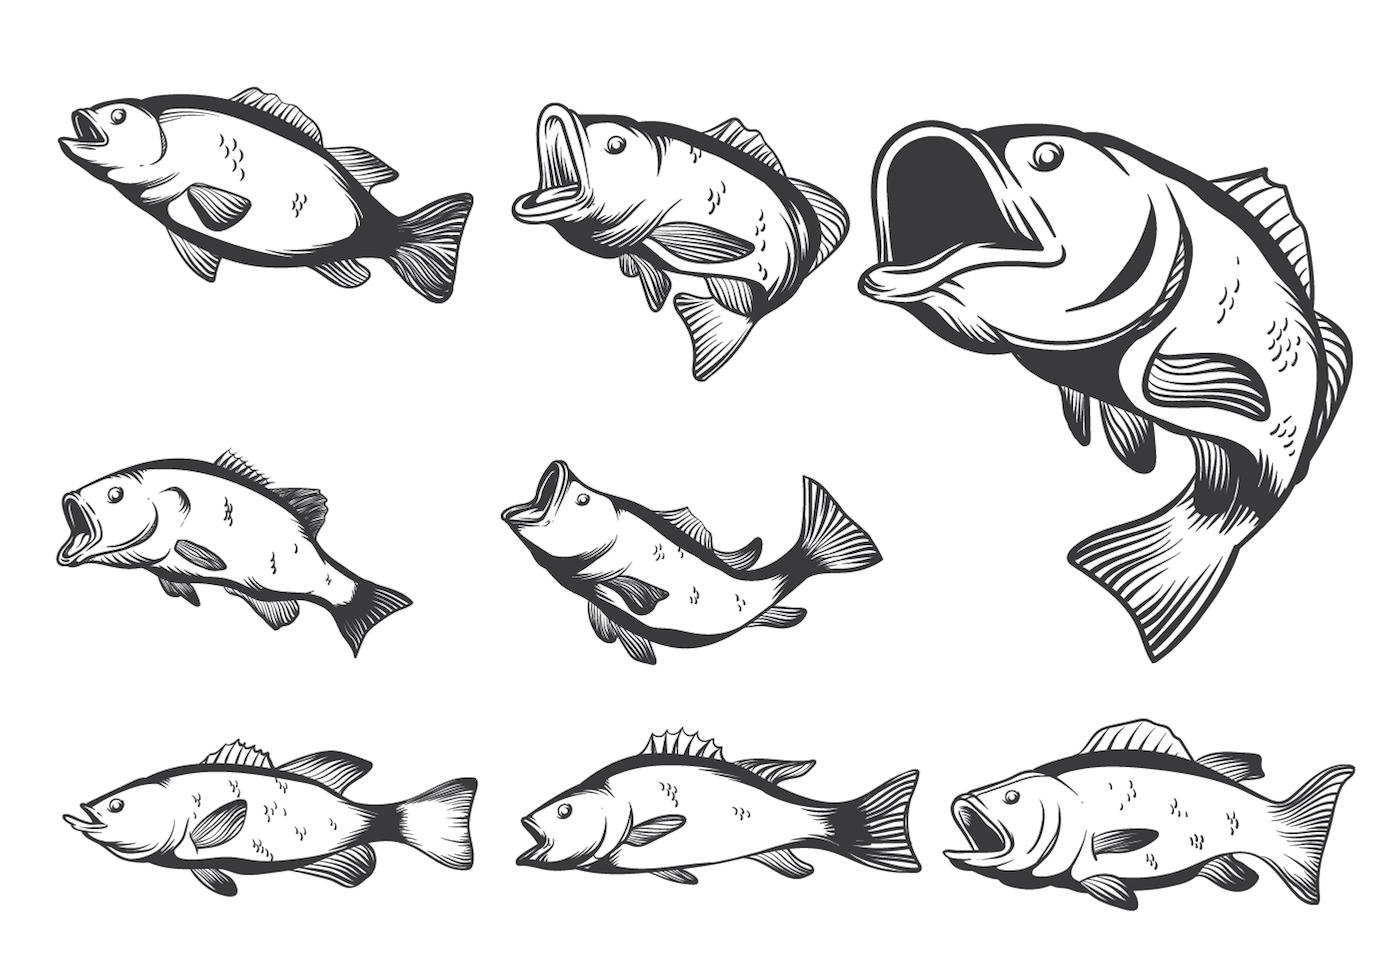 Bass Fish Vectors Download Free Vector Art Stock